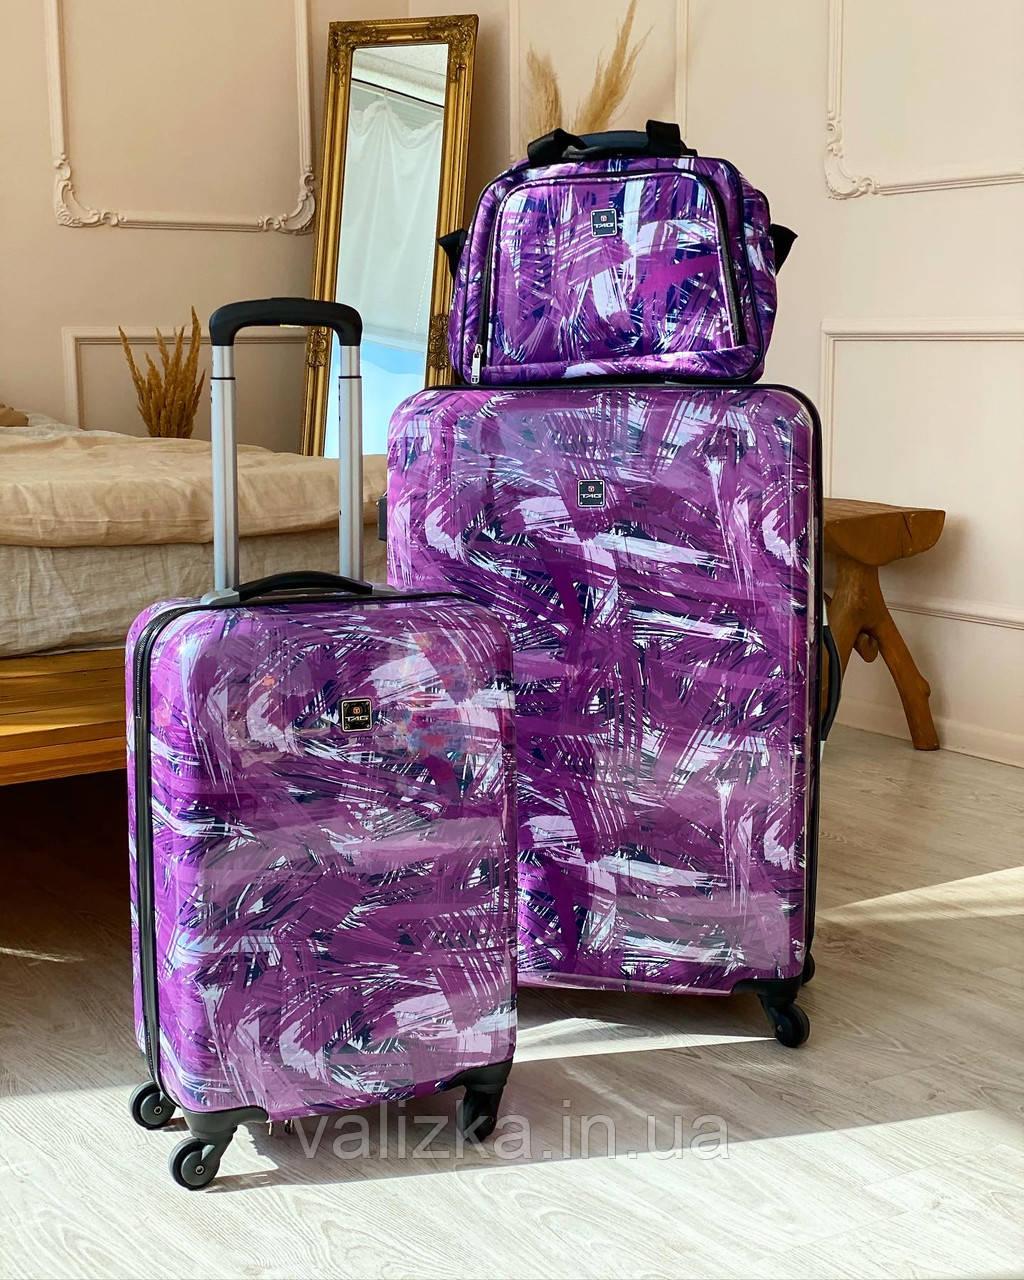 Сумка ручная кладь с резинкой на чемодан фиолетовая  / бьюти кейс